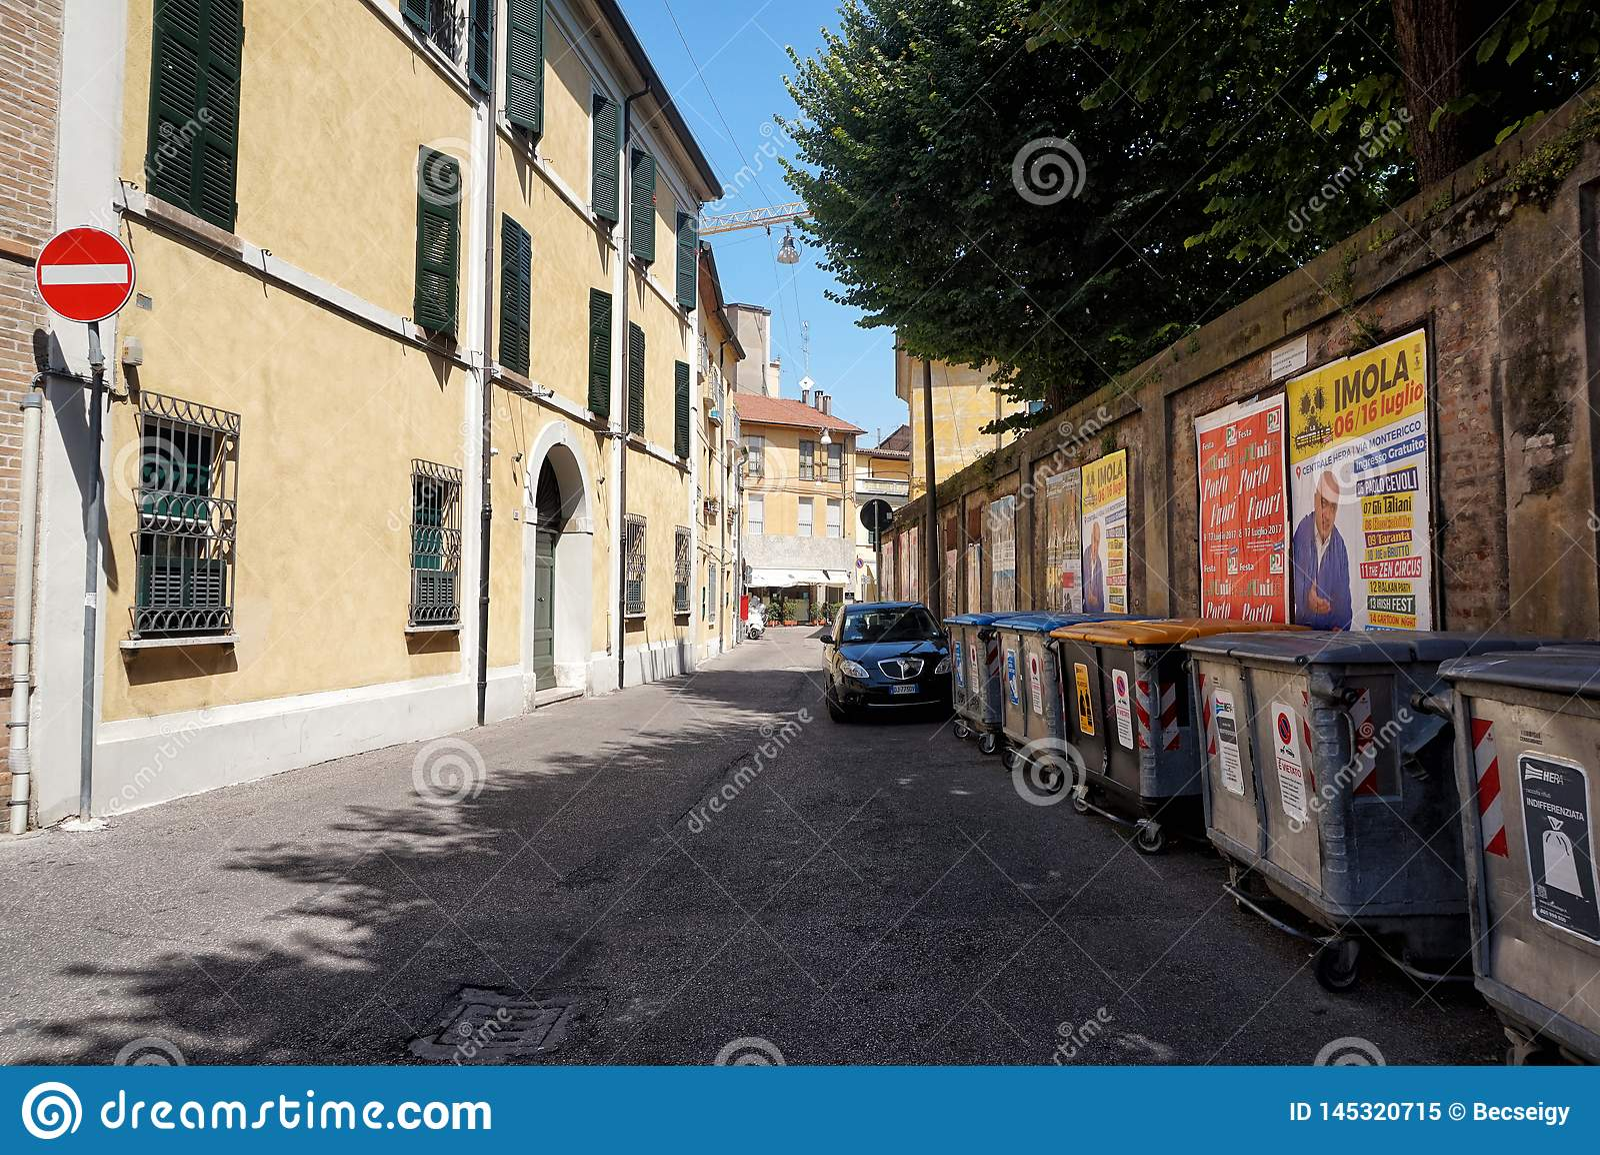 Straße von Ravenna, Italien mit selektiven überschüssigen Behältern